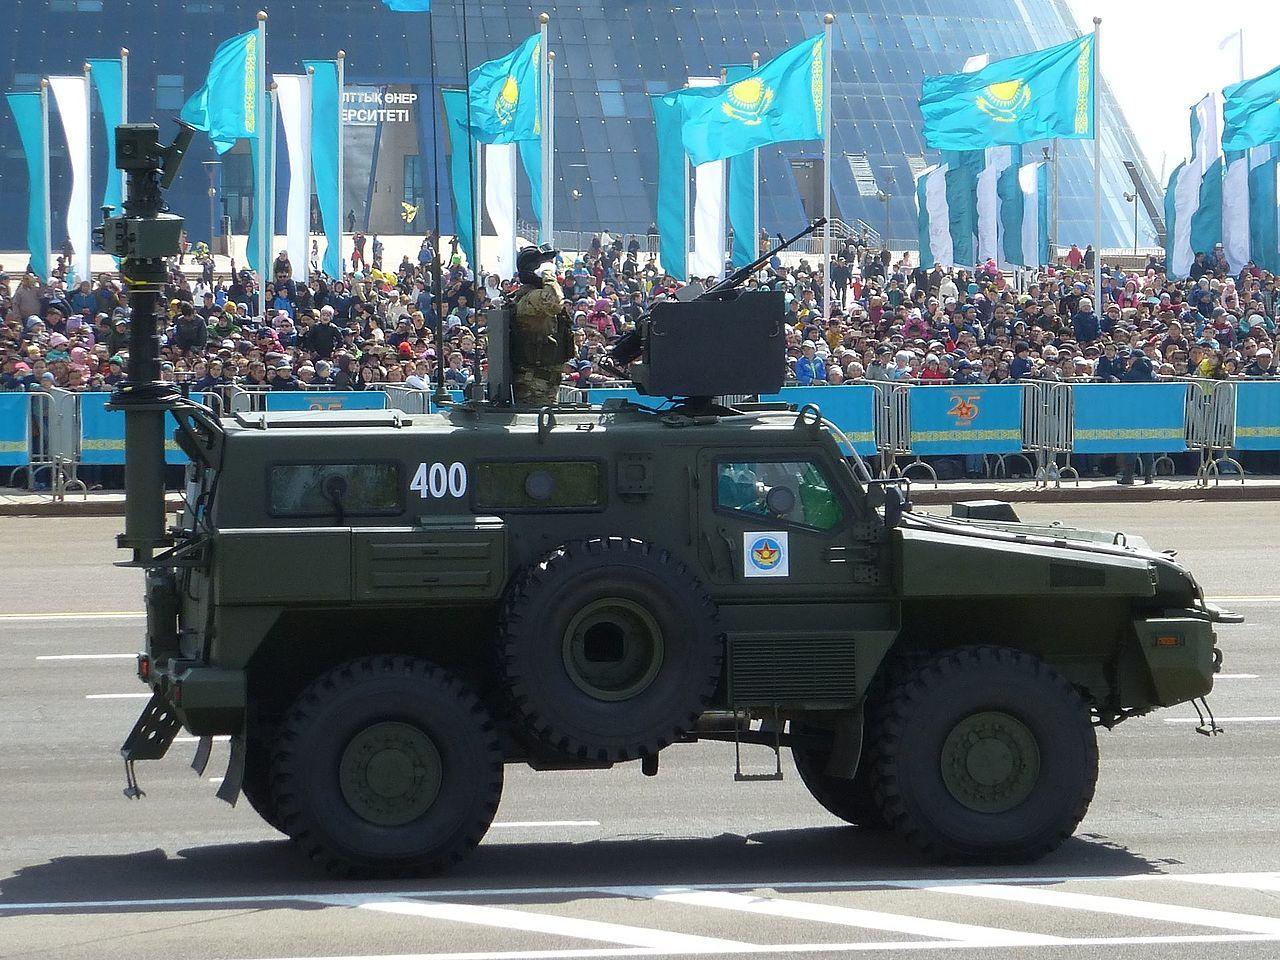 """Збільшена прохідність, підвіска і технічні навороти, - український військовослужбовець Старський про бронеавтомобіль """"Варта"""" - Цензор.НЕТ 2633"""